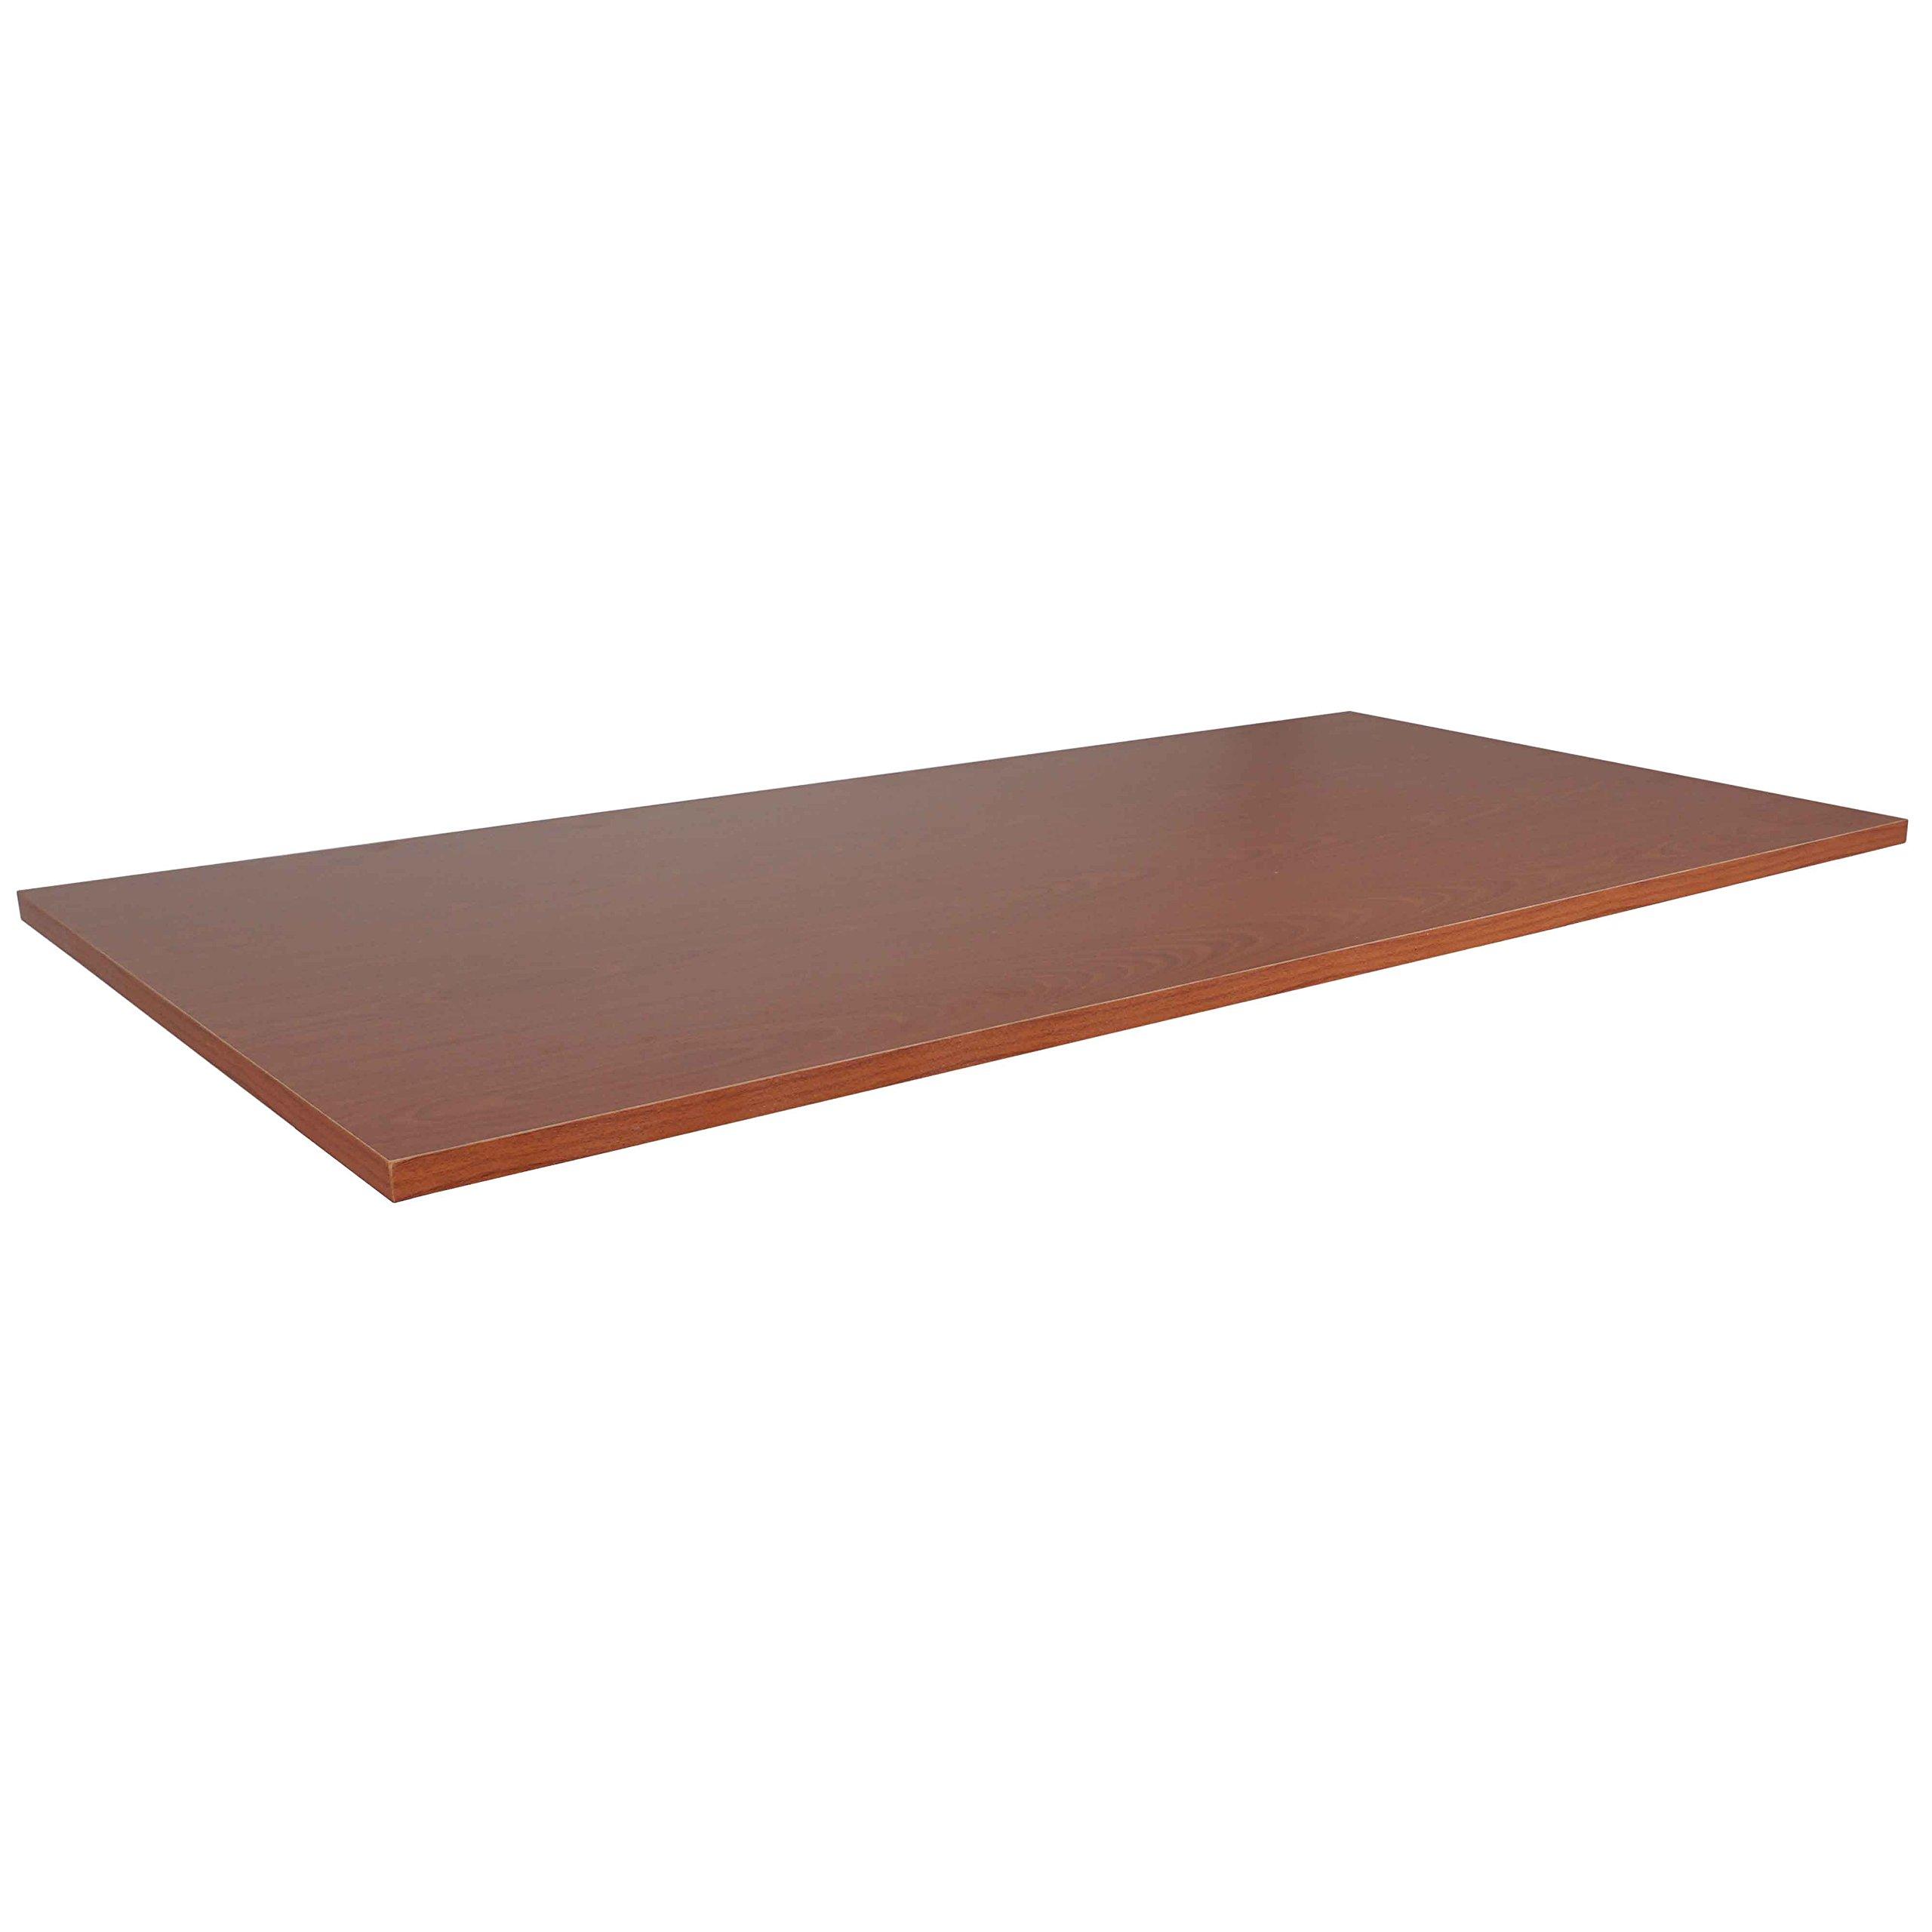 Titan Universal Desk Top - 30'' x 60'' Wood by TITAN FITNESS